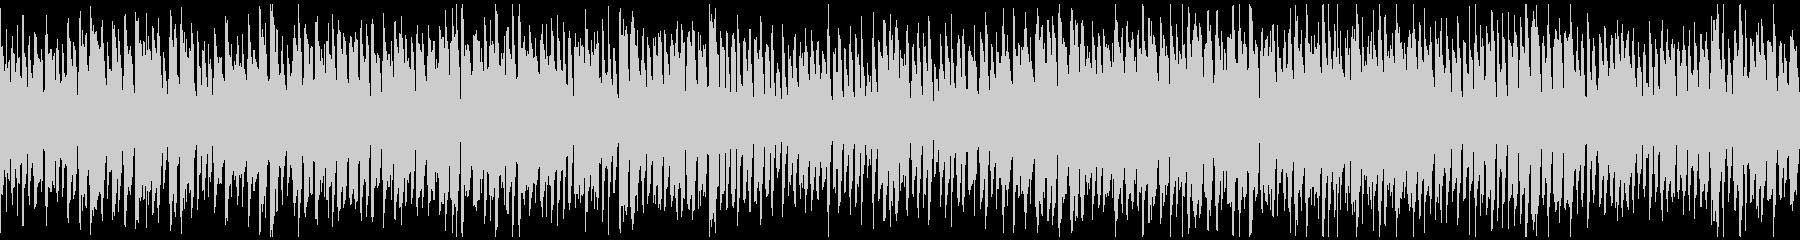 カートゥーン、どたばたギャグ ※ループ版の未再生の波形